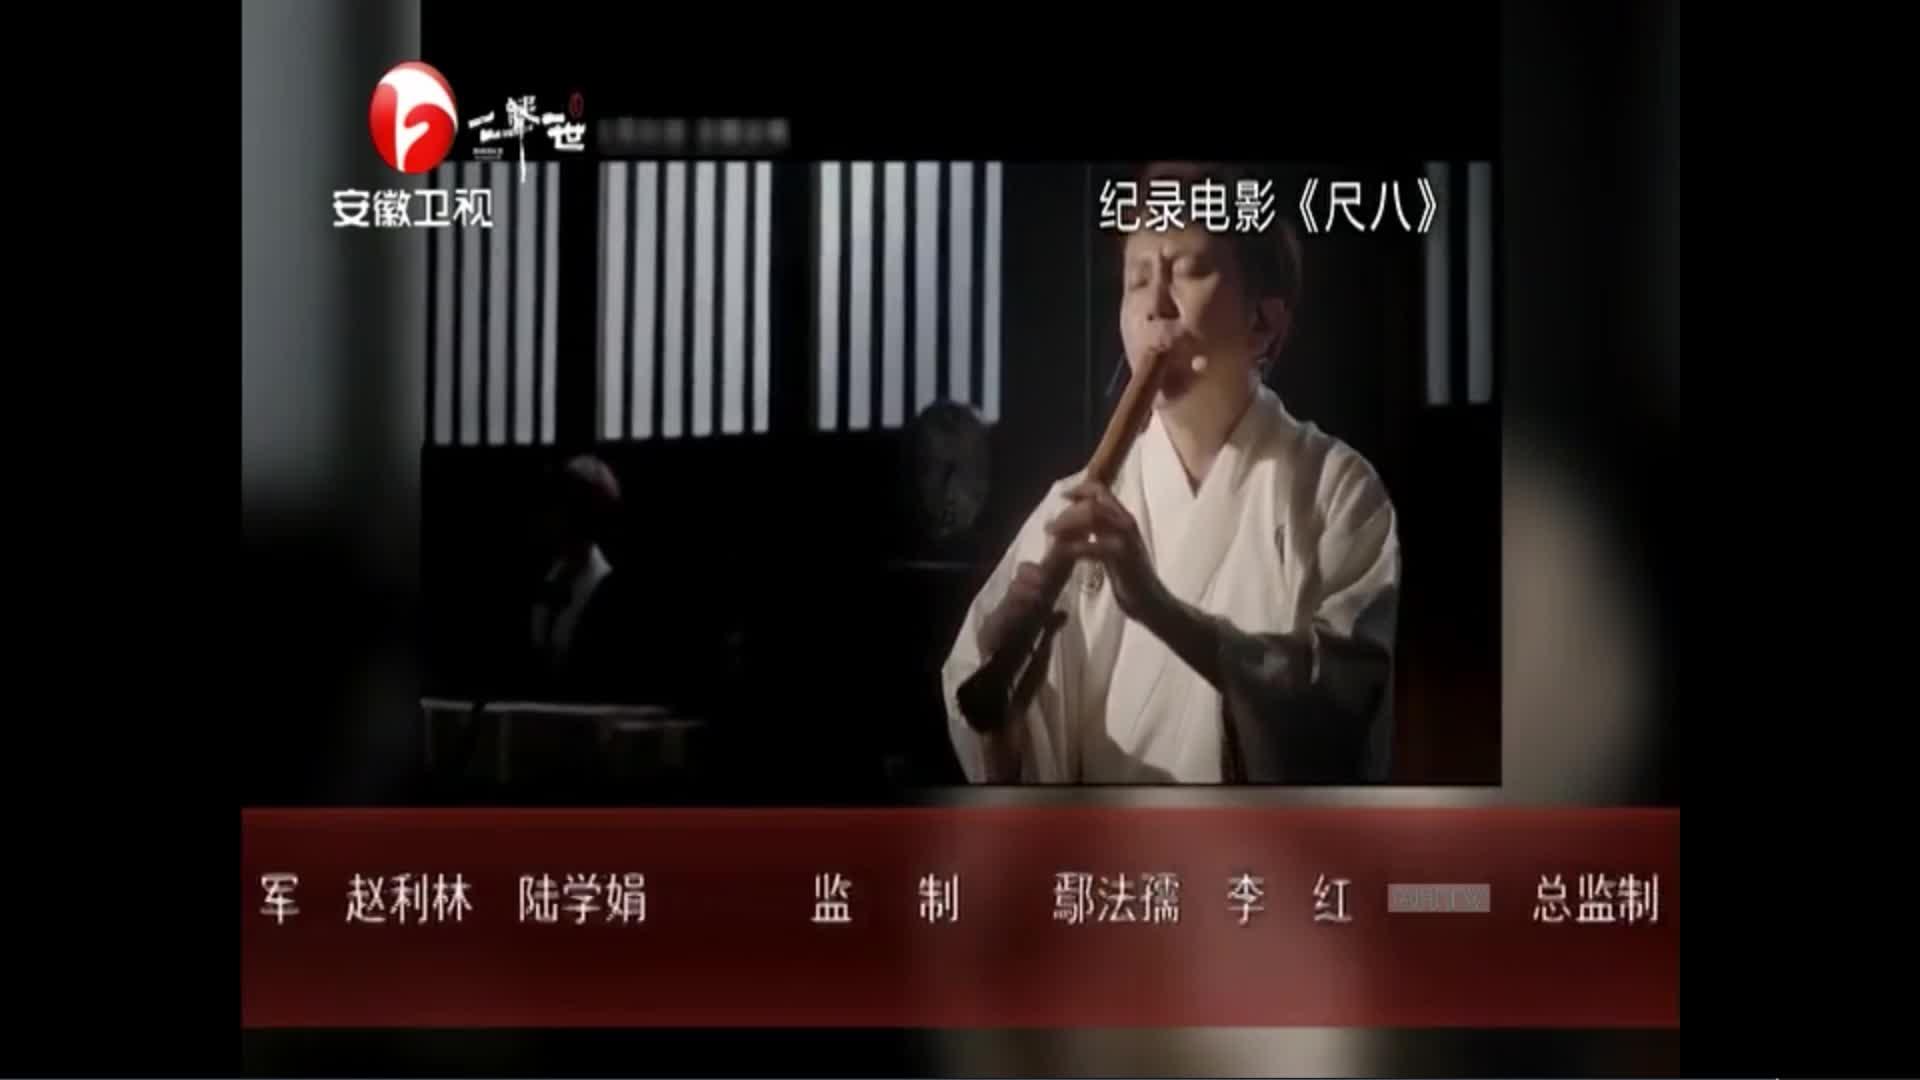 安徽卫视:《尺八·一声一世》预告片 超级新闻场